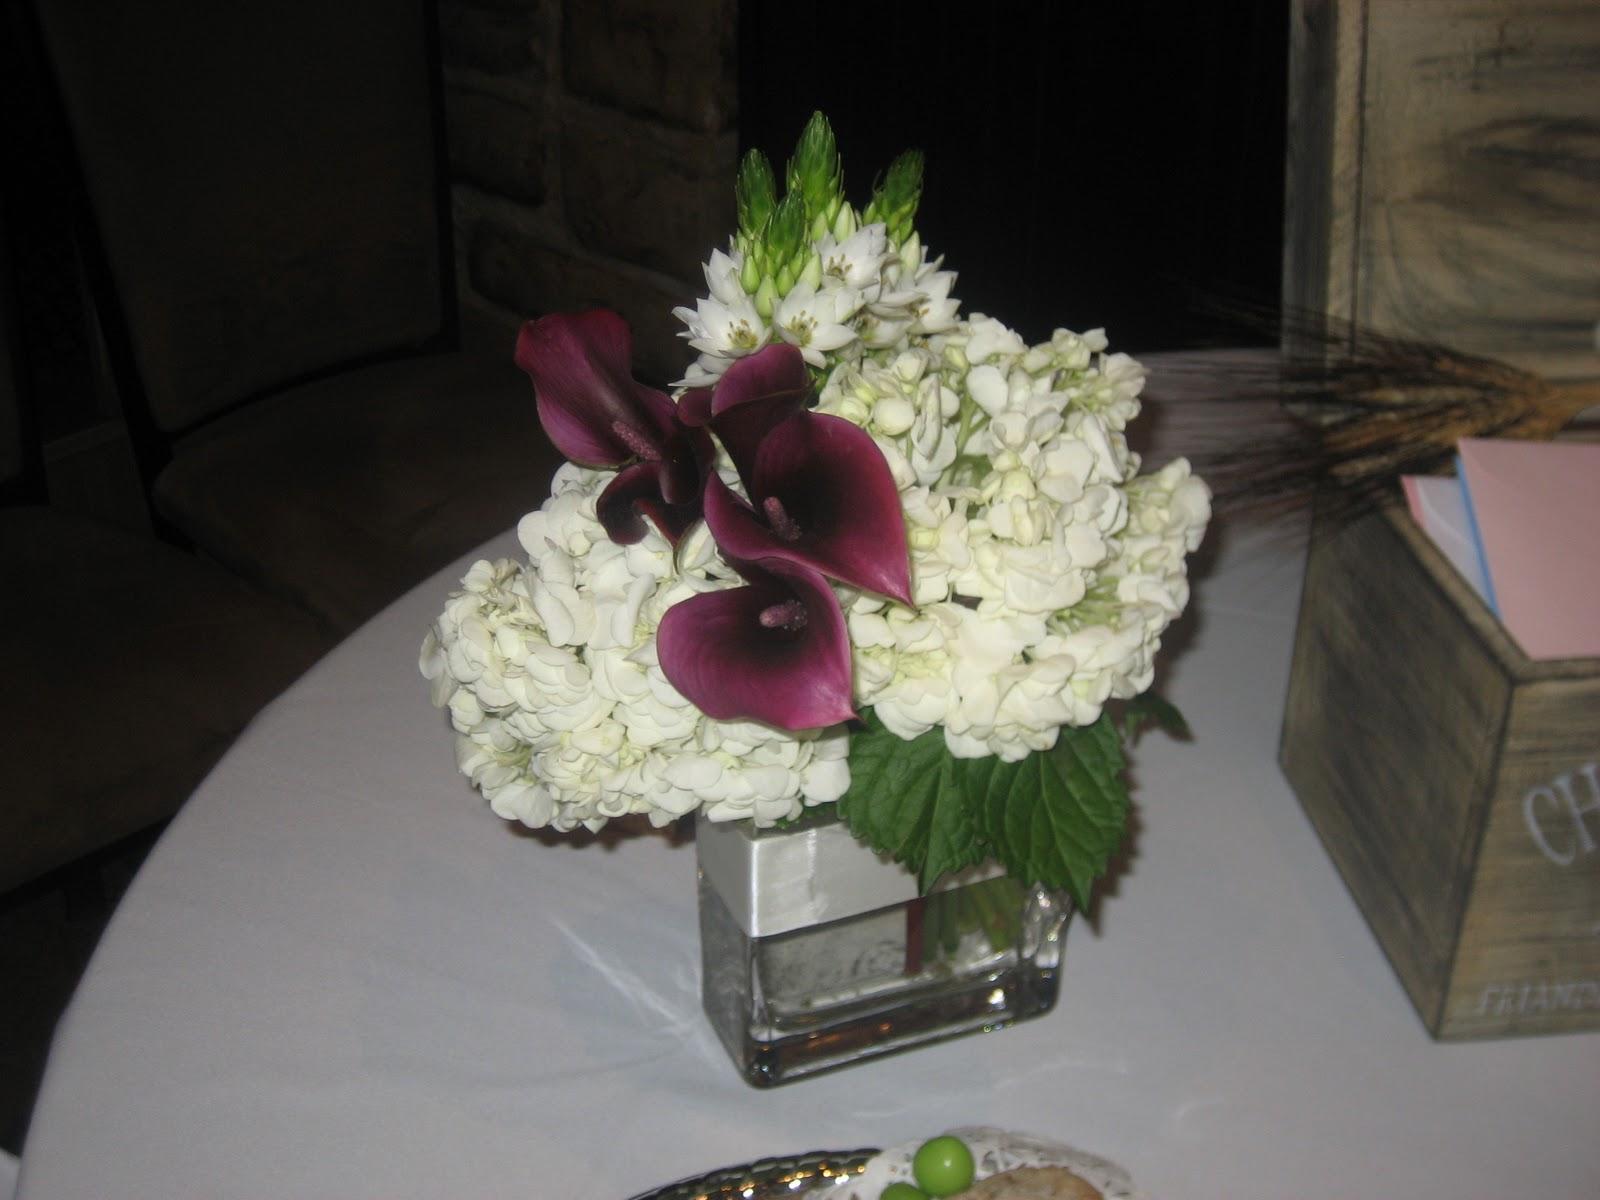 Wedding Centerpeice Ideas: Jevon's Blog: Diy Wedding Centerpieces Ideas